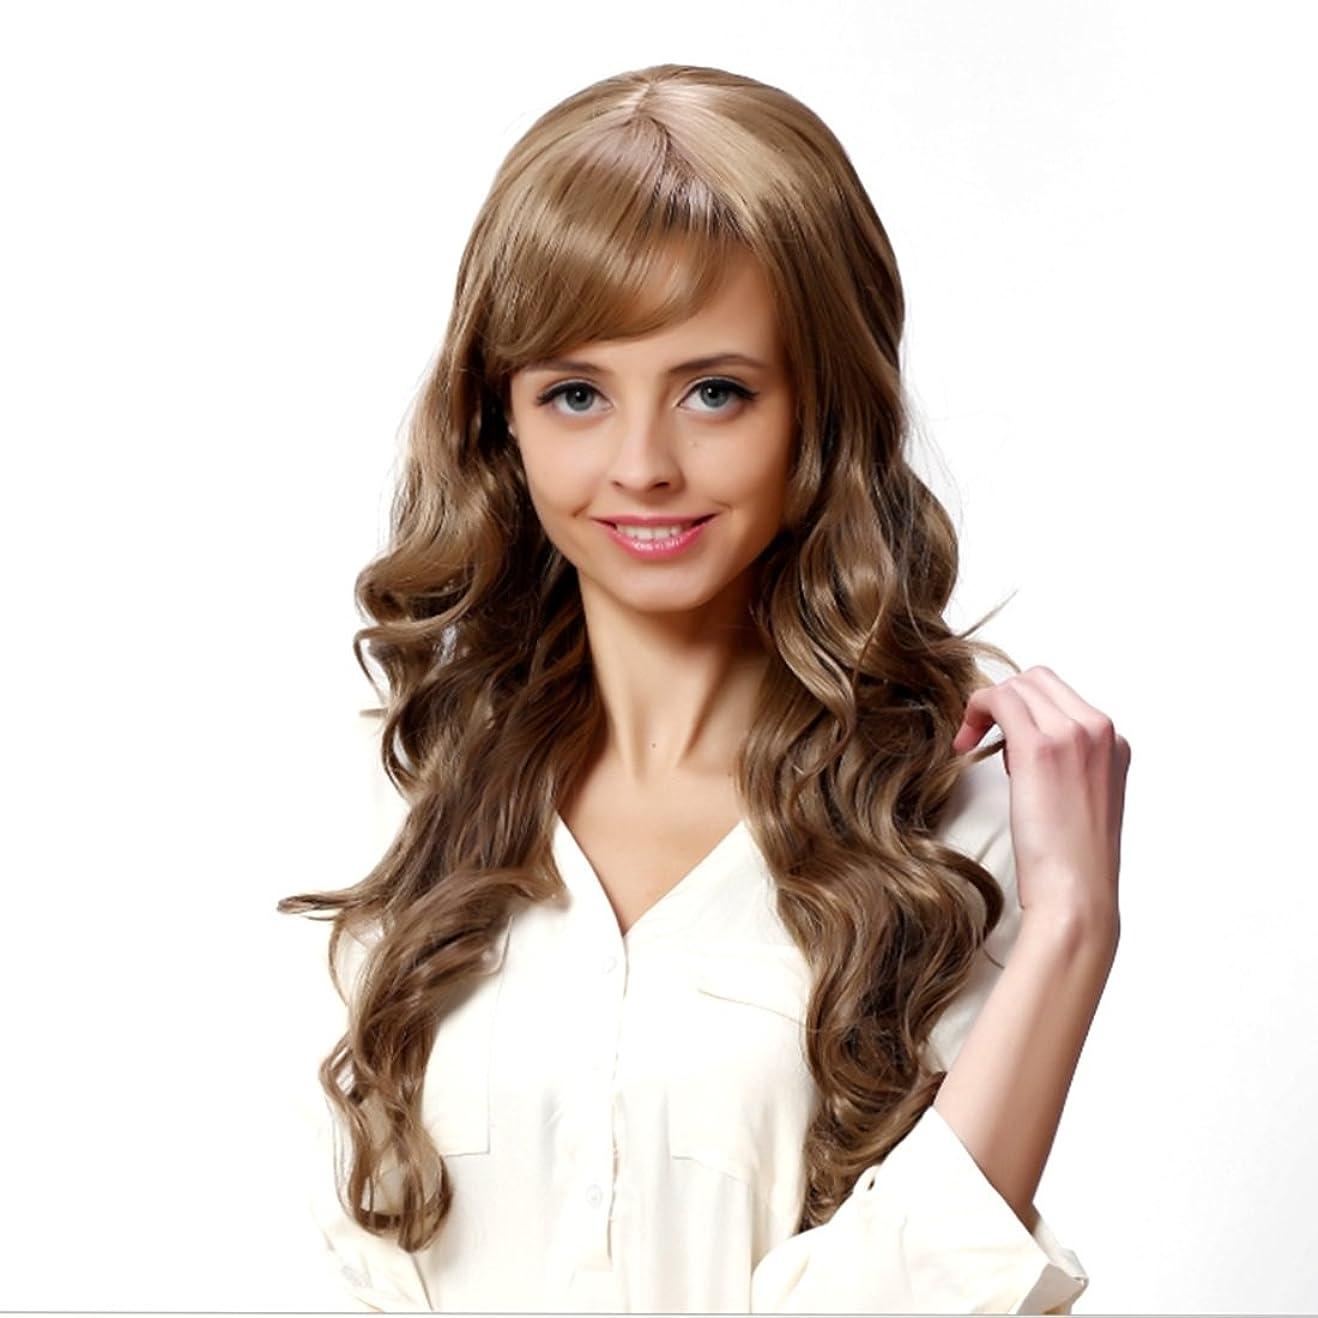 好意シャー引用Doyvanntgo 女性のための現実的な大きな波状の長い縮毛のかつらフルサイズの頭のカーリーヘアフラフリな梨のフラワーウィッグ修正された顔の長さ21inch / 22inch(ブラウンブラック/ベージュ)のための斜めバンズウィッグ (Color : ブラウン)